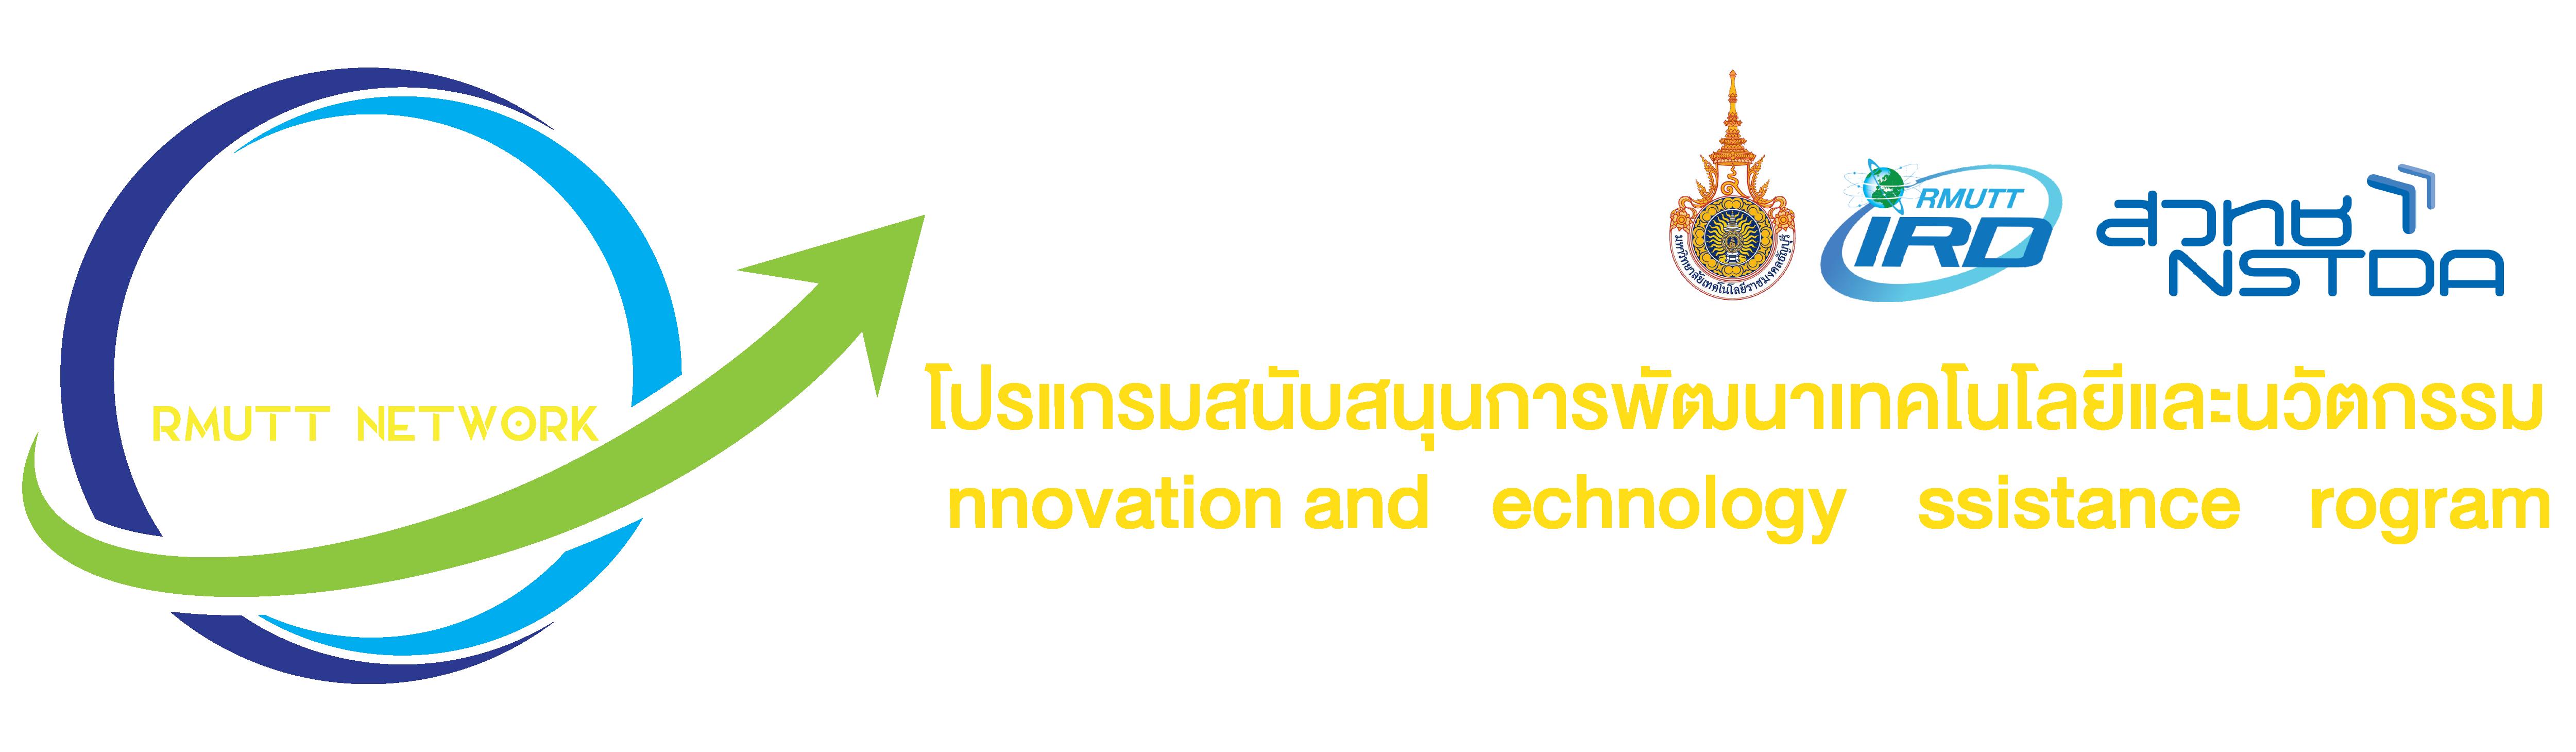 ITAP RMUTT Network (โปรแกรมสนับสนุนการพัฒนาเทคโนโลยีและนวัตกรรม เครือข่ายมหาวิทยาลัยเทคโนโลยีราชมงคลธัญบุรี)